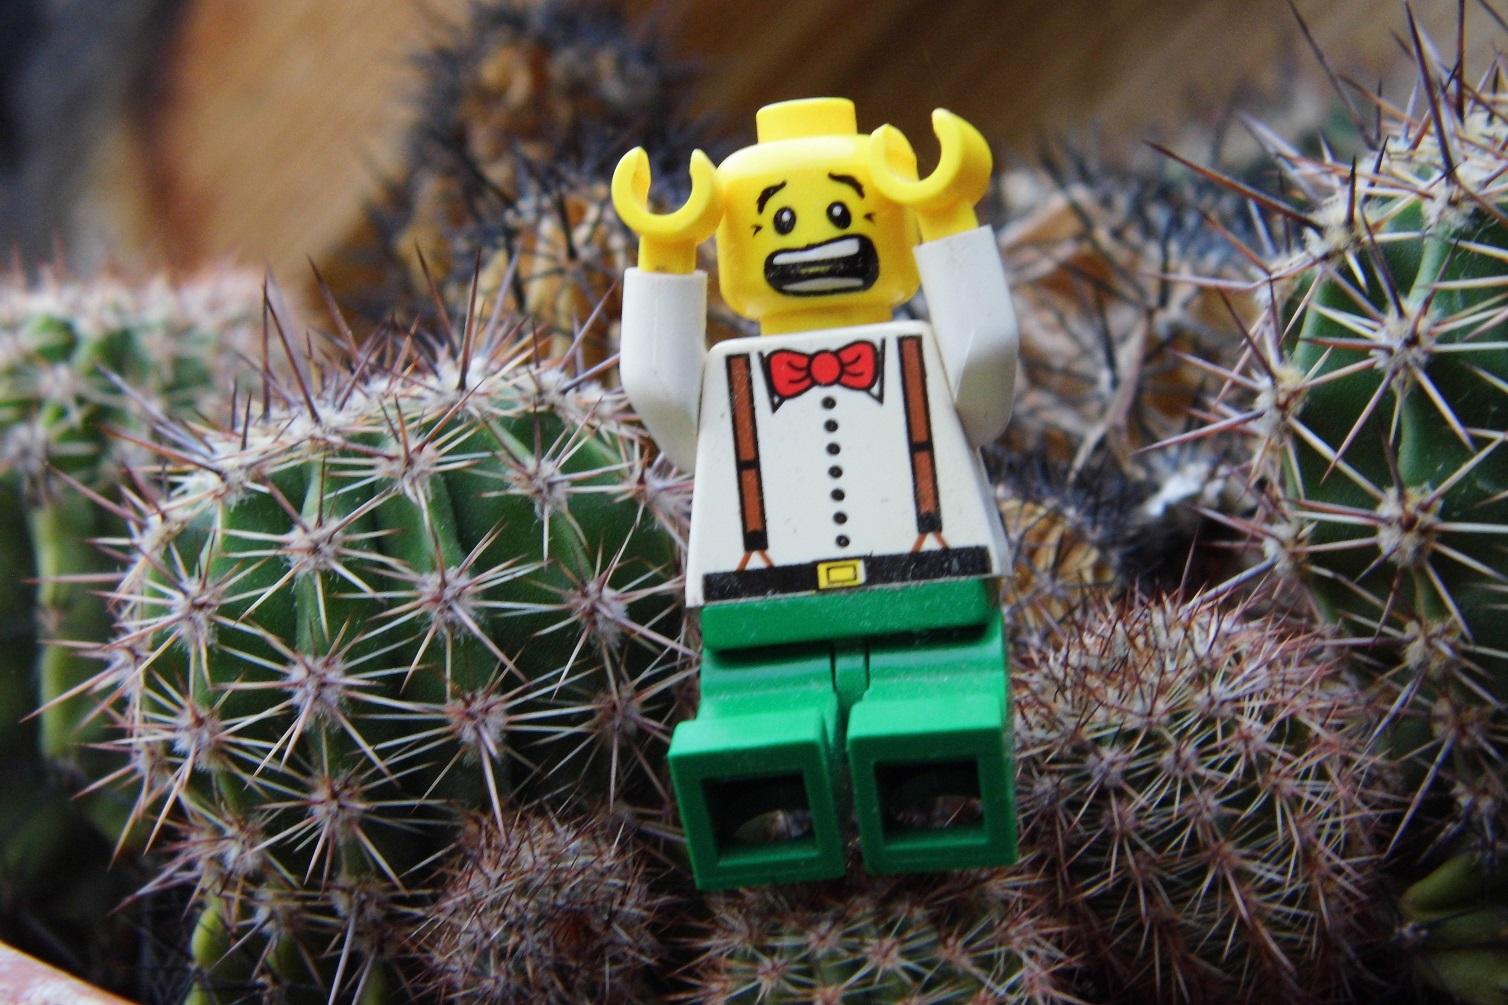 Foto: Mein kleiner grüner Kaktus...